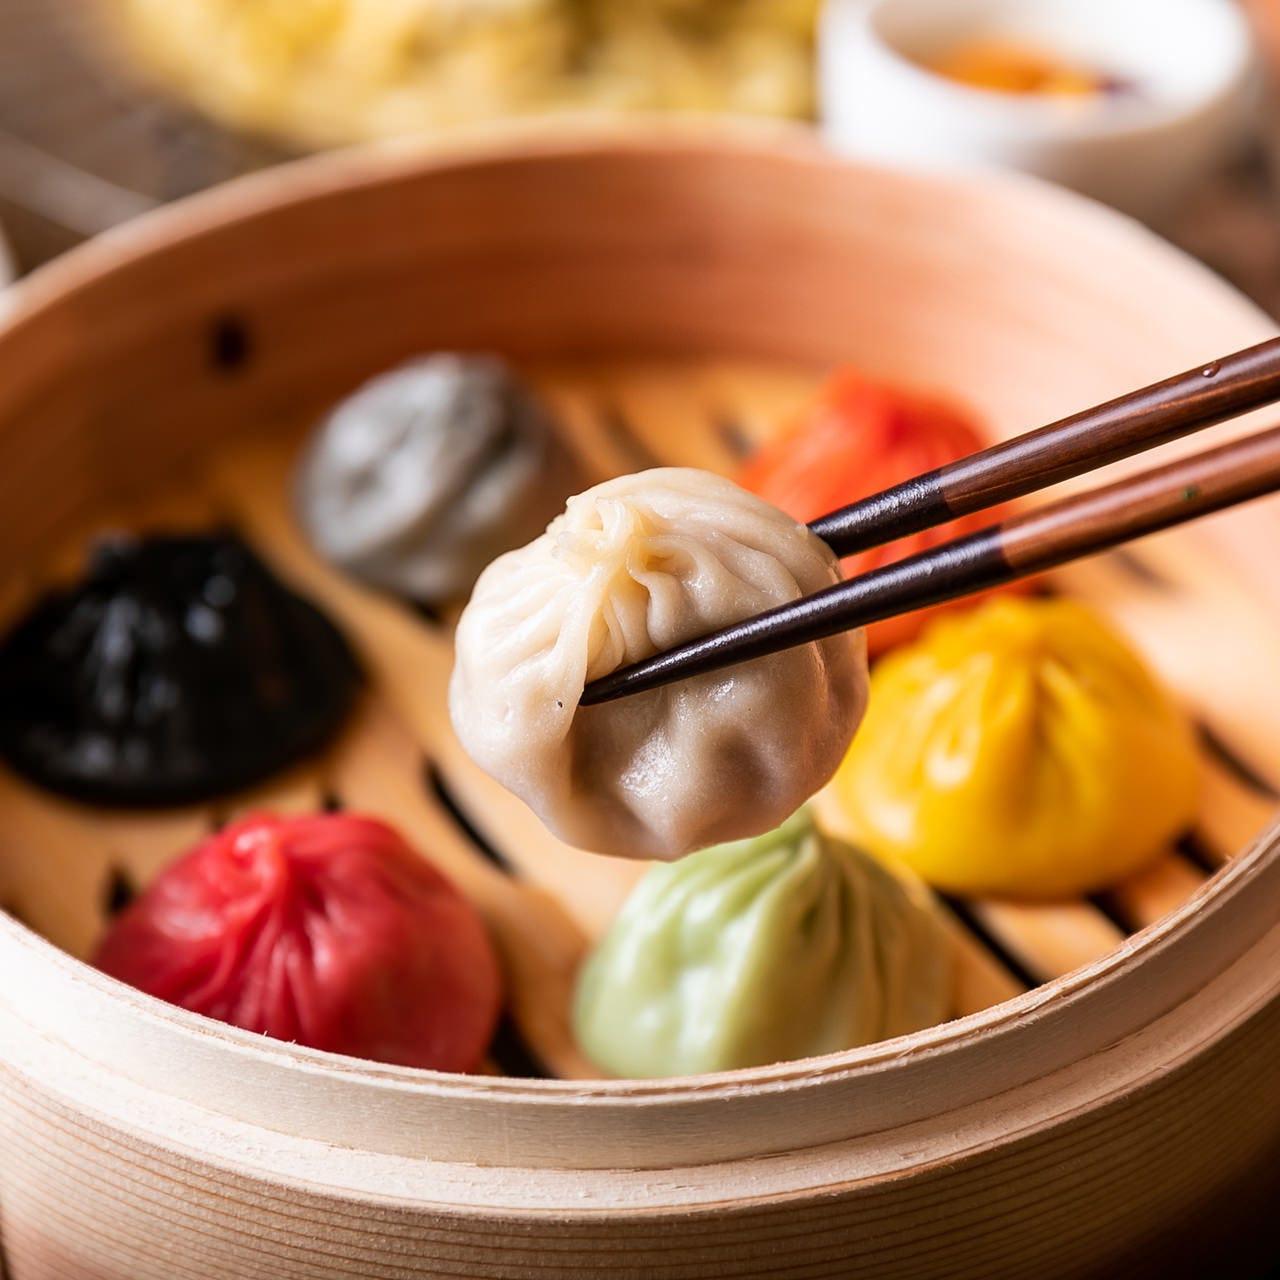 彩り鮮やかな「レインボー小籠包」感動の味が七色に心に響く。